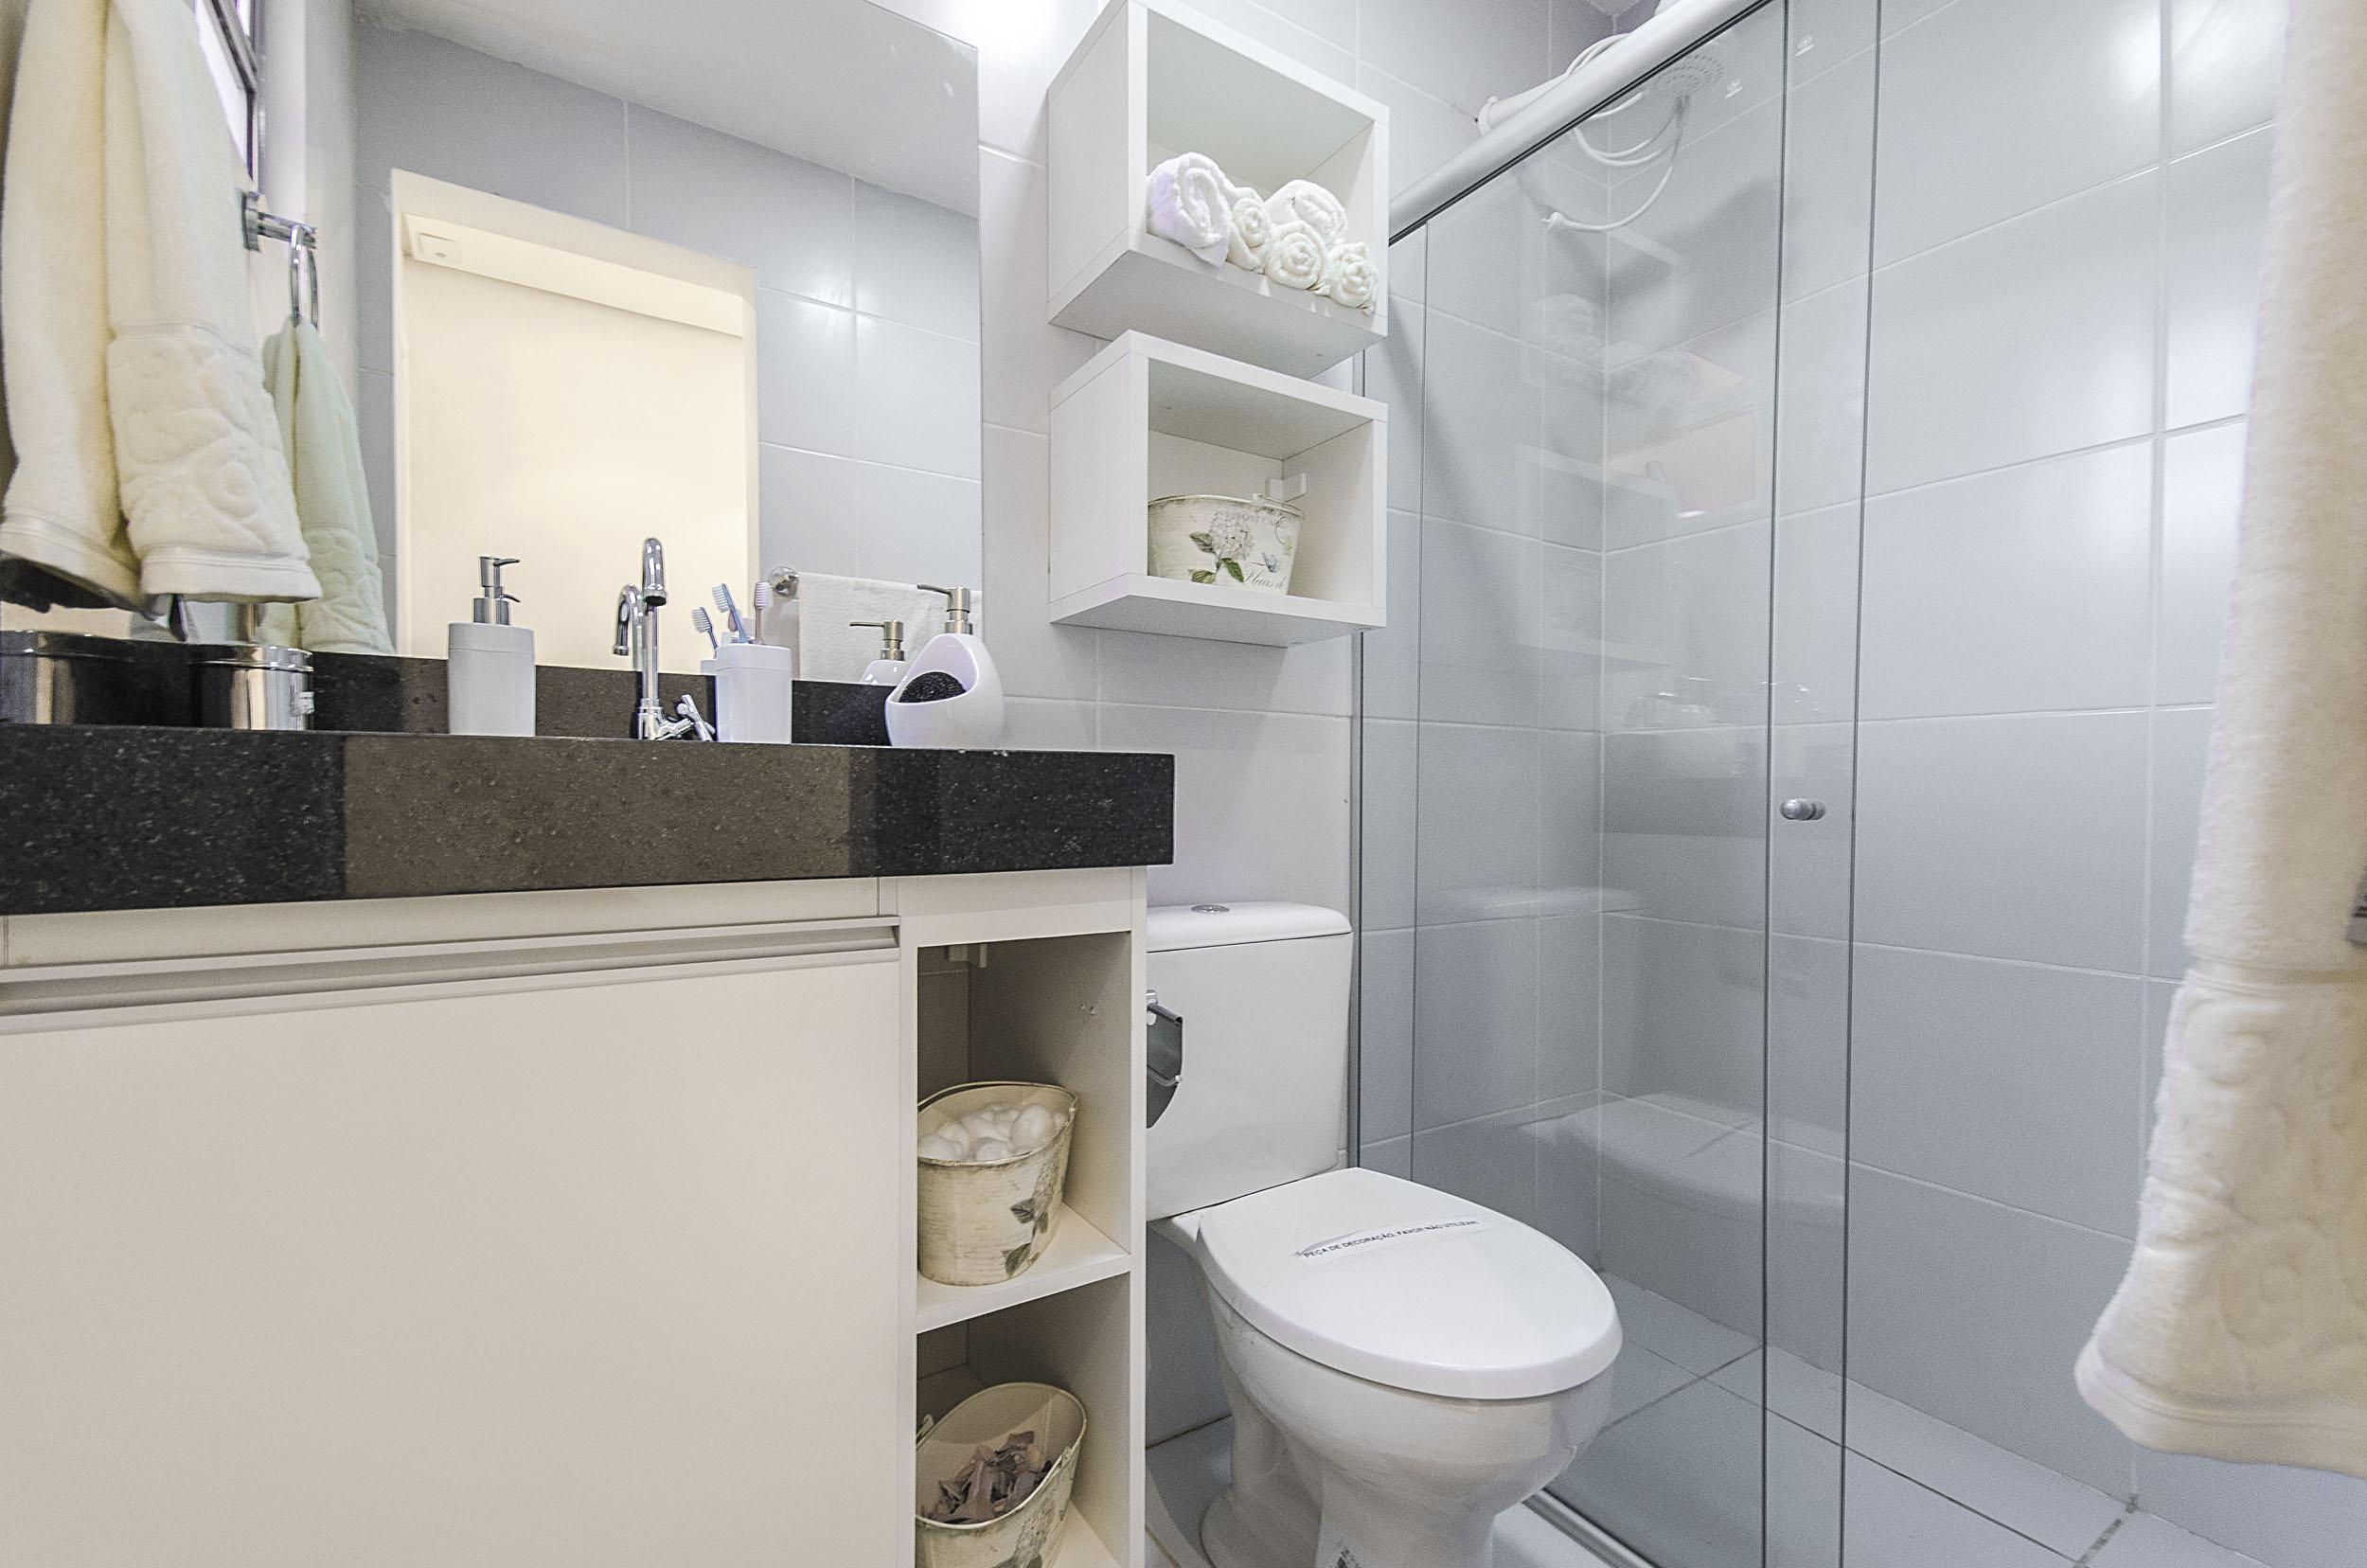 Como decorar banheiros pequenos  Blog Corporativo MRV Engenharia  Mercado I -> Banheiro Pequeno Mrv